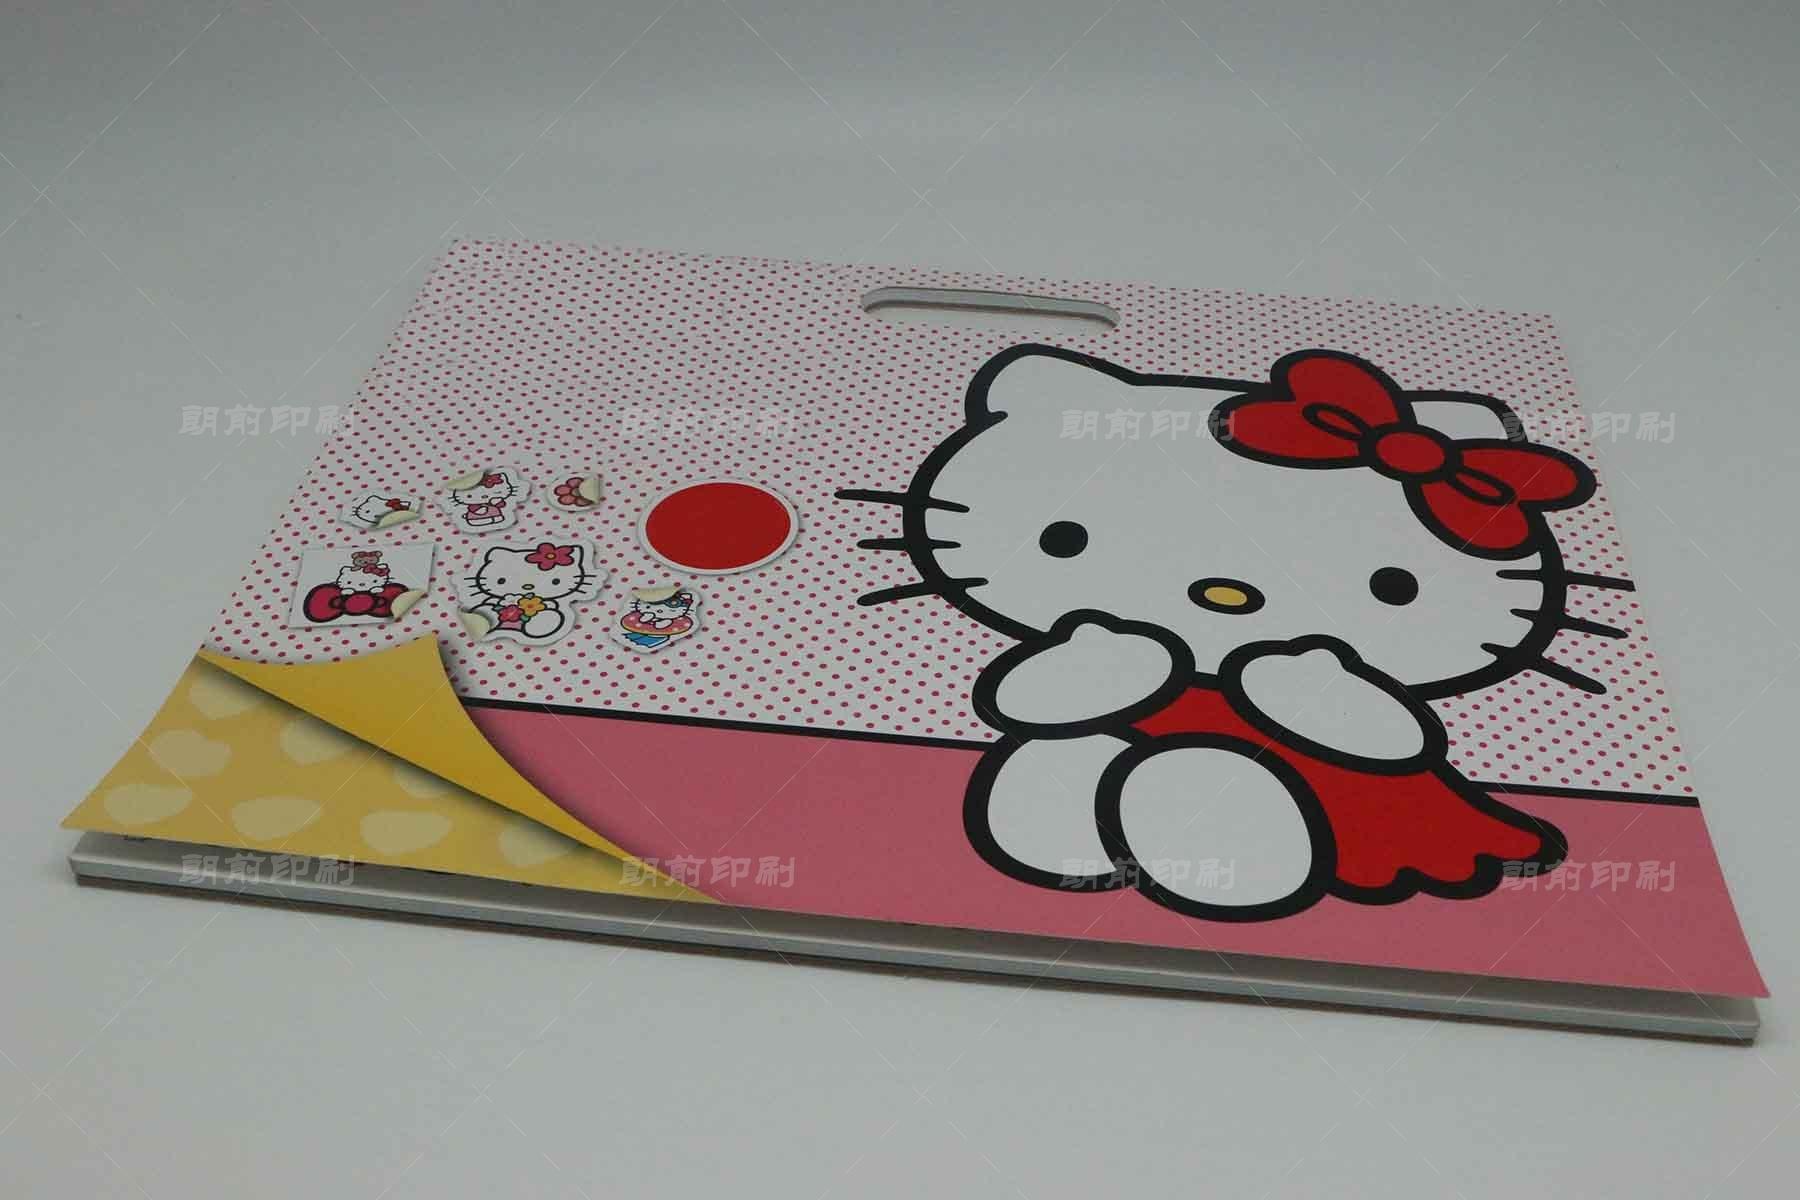 广州企业画册印刷公司 广州提供画册设计制作